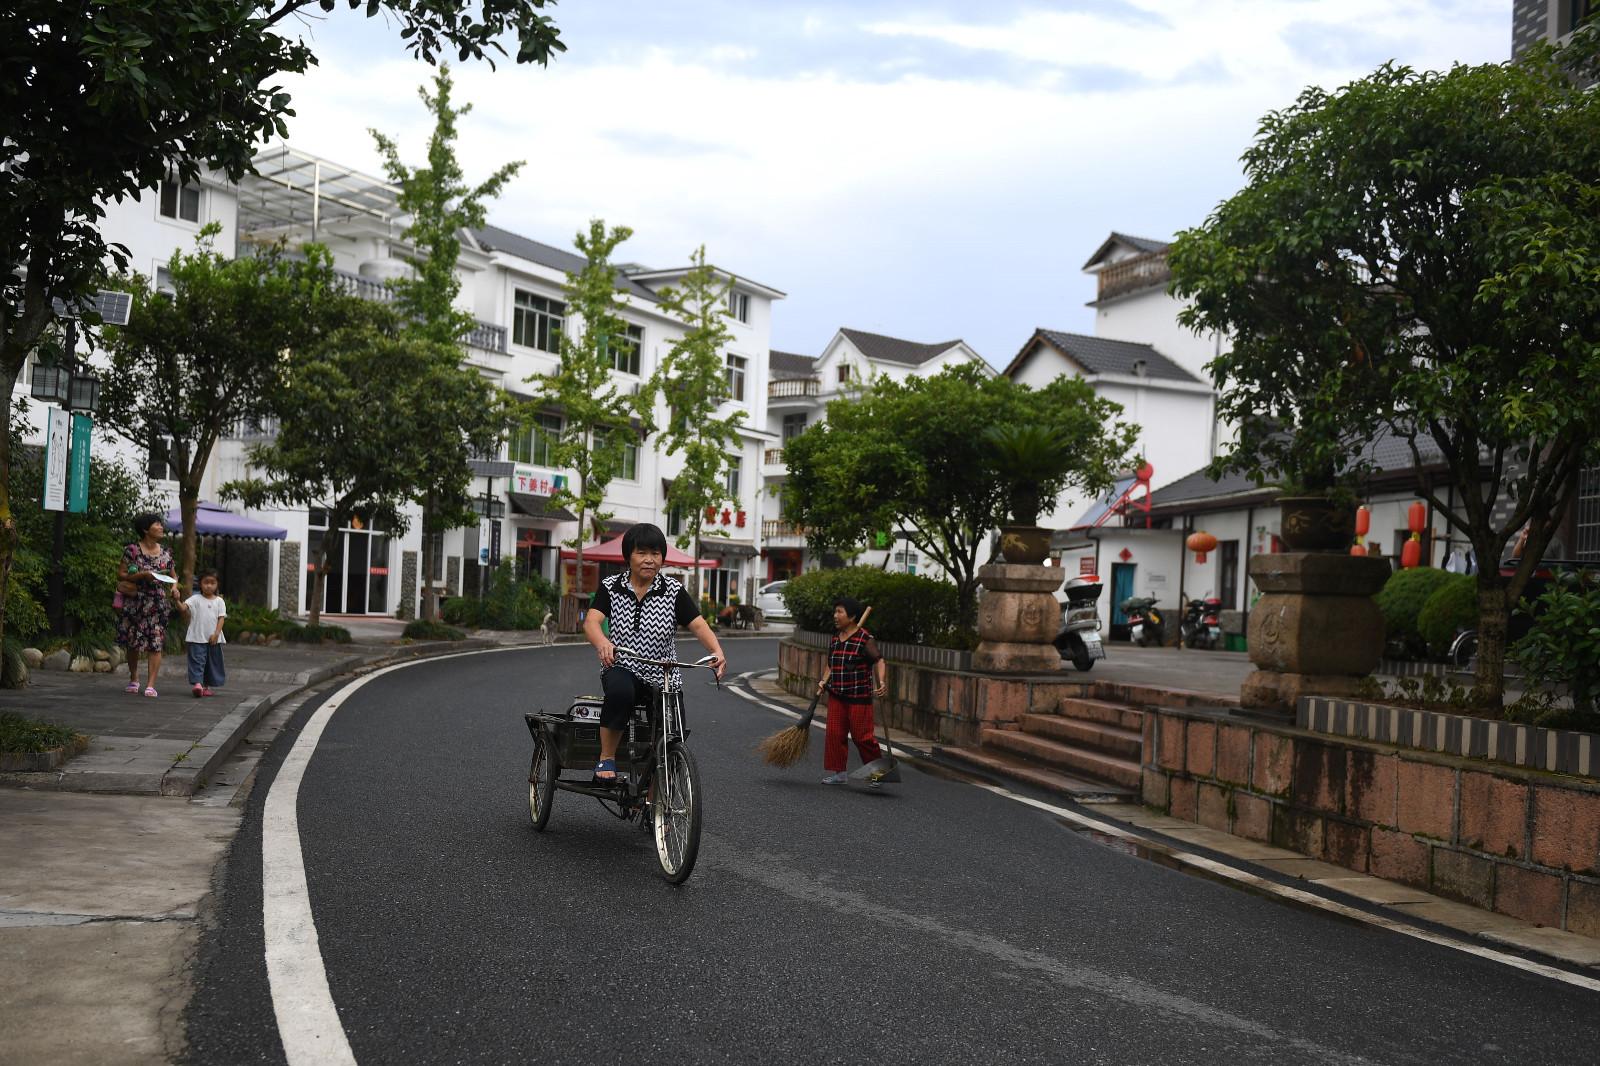 下姜村村民在村庄里骑行(2017年8月9日摄)。新华社记者 黄宗治 摄